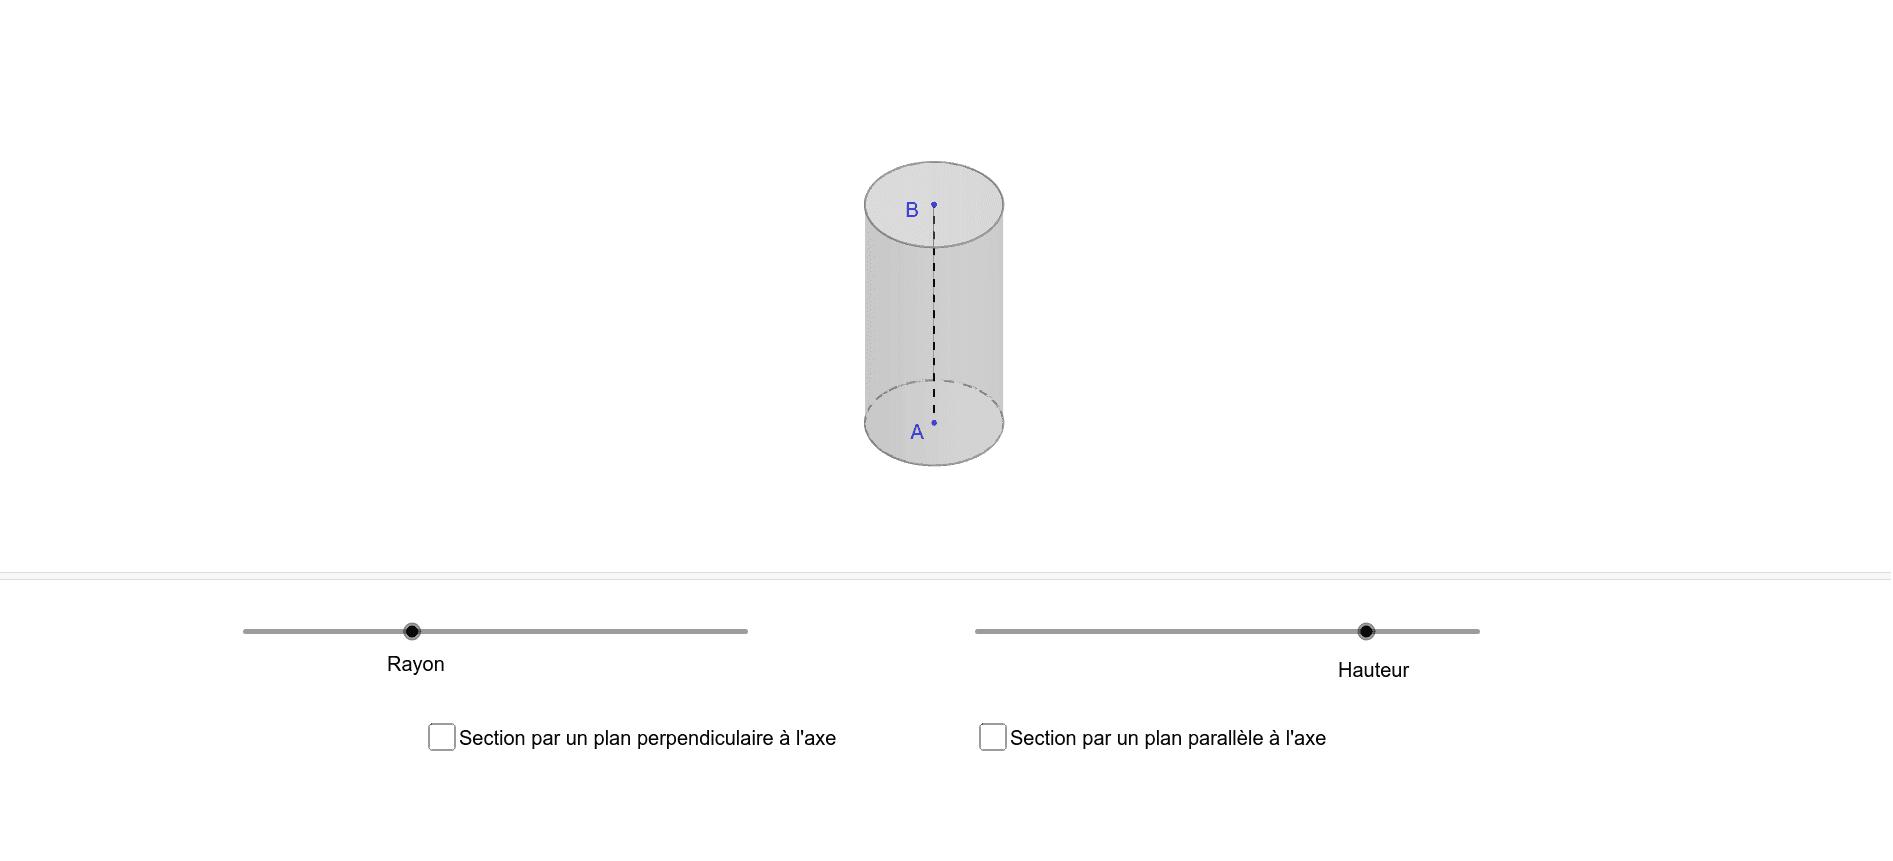 Cylindre de révolution et section